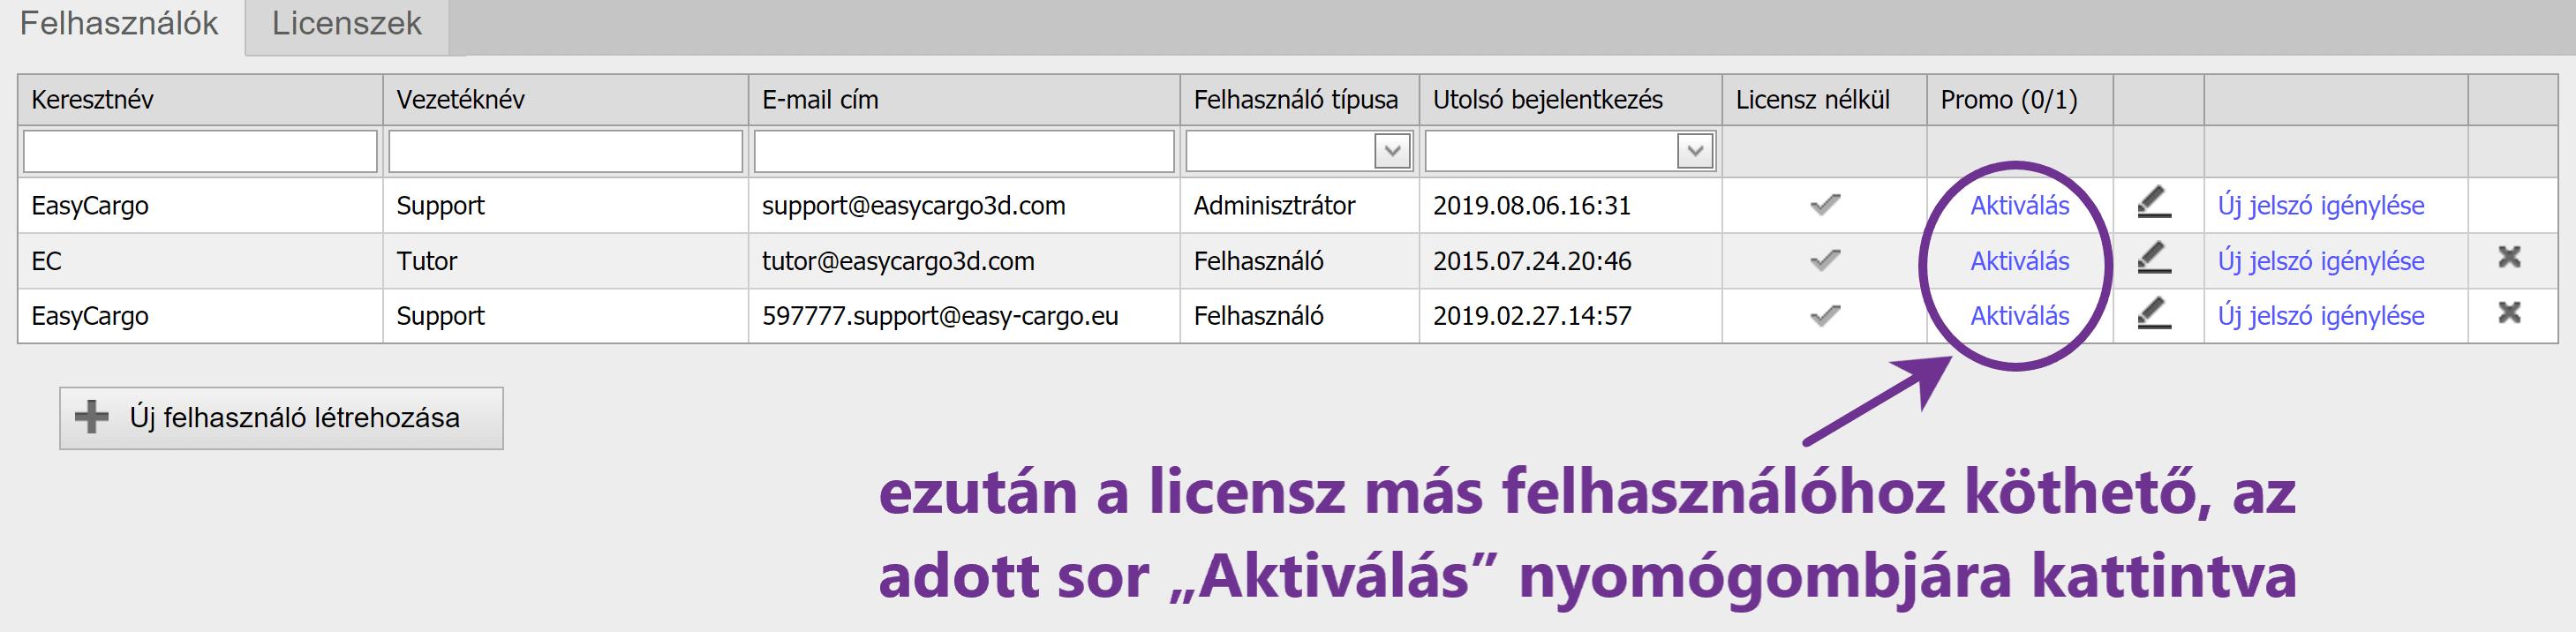 Licensz hozzárendelése - 4. lépés